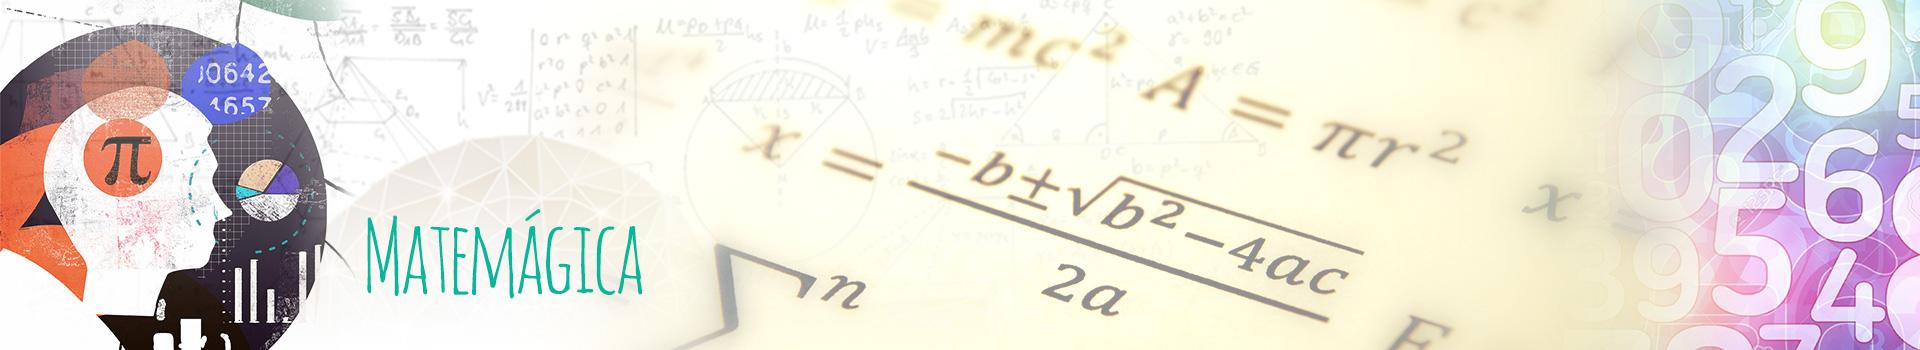 banner-matemagica